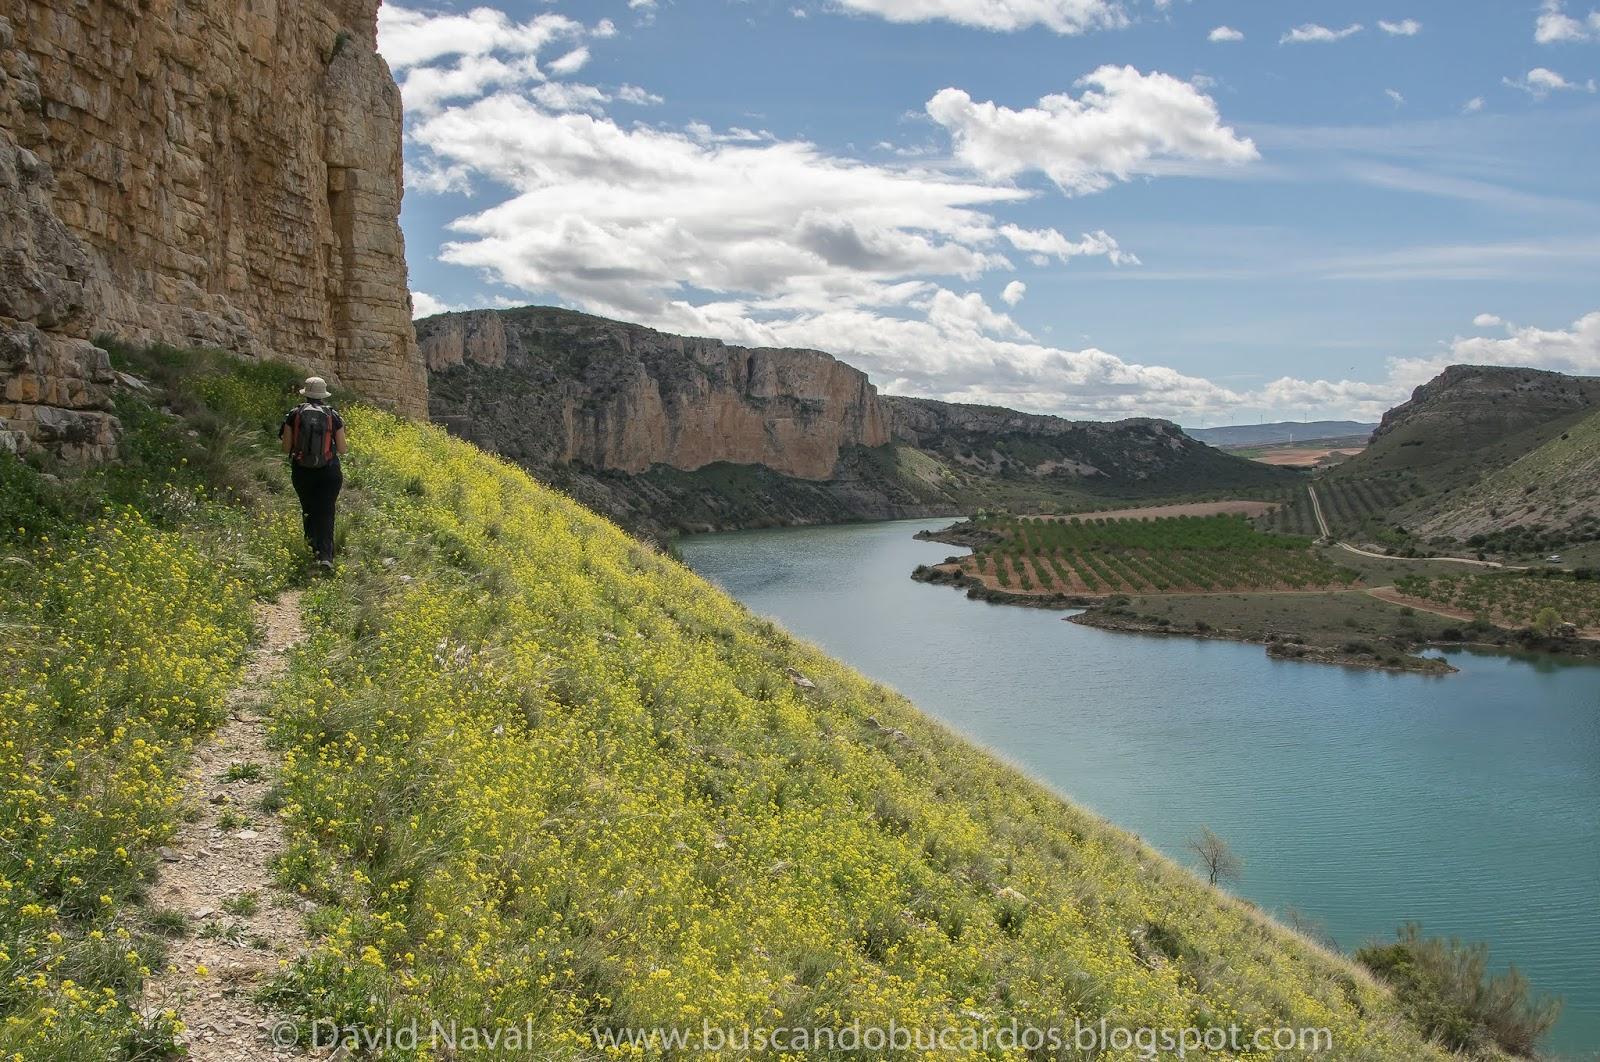 Muel mezalocha mirador del hocino rutas por el pirineo for Mirador del pirineo